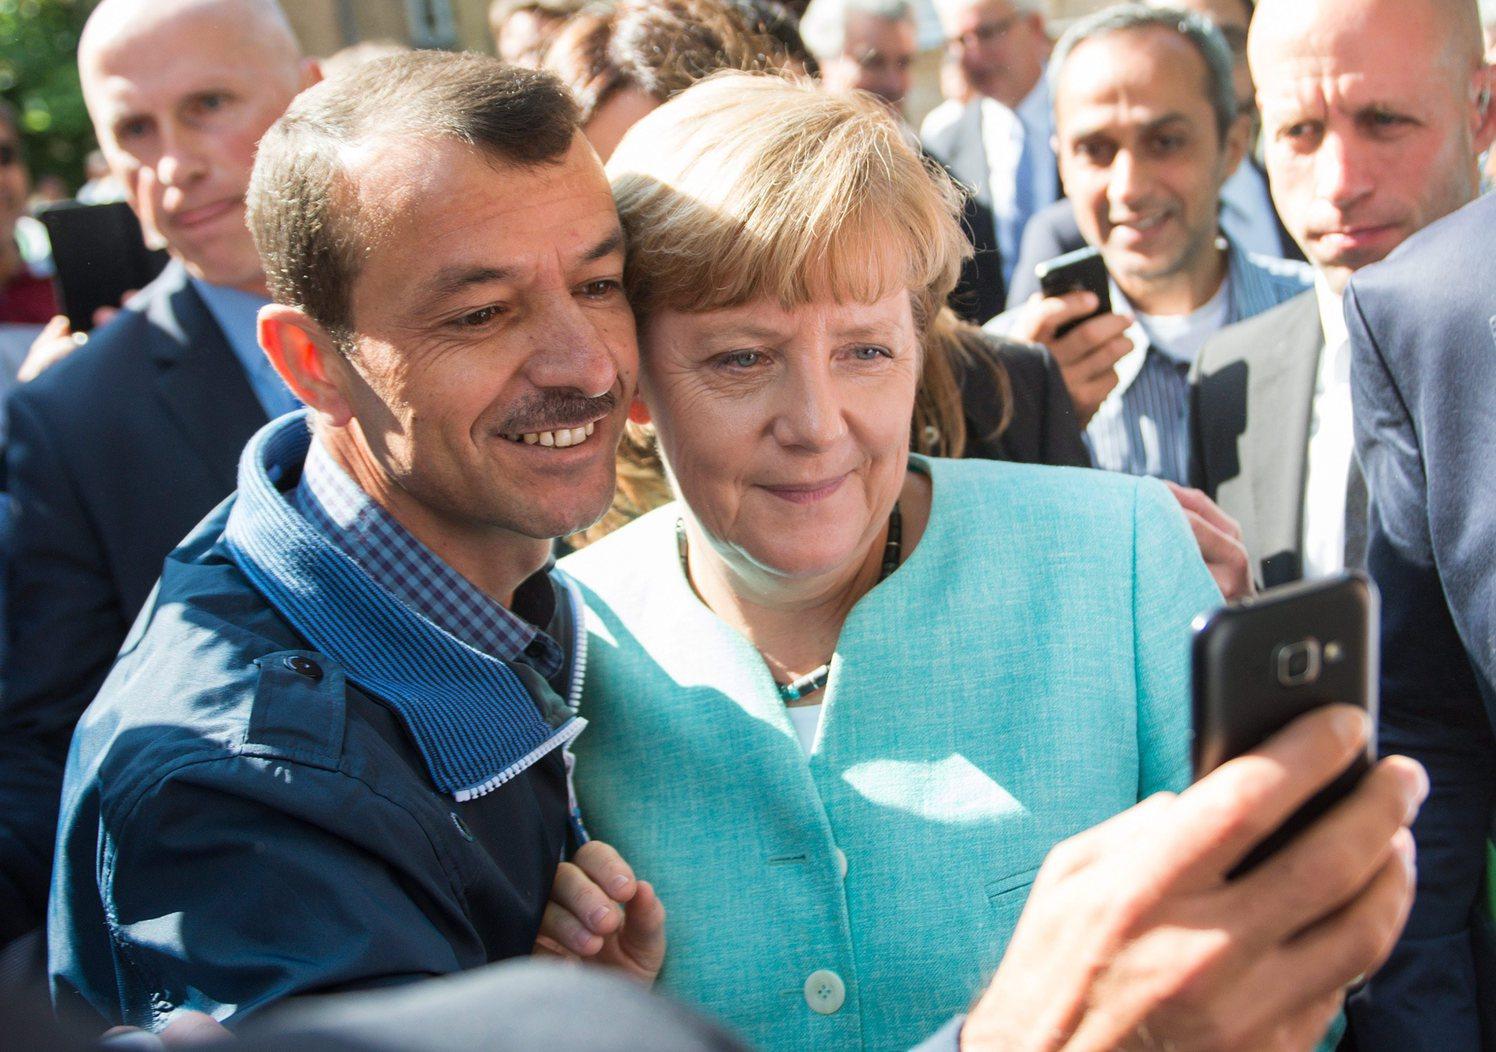 Angela Merkel német kancellárral (j) készít közös felvételt egy menekült a német szövetségi bevándorlás- és menekültügyi hatóság egyik berlini befogadó állomásán 2015. szeptember 10-én. (MTI/EPA/Bernd von Jutrczenka)